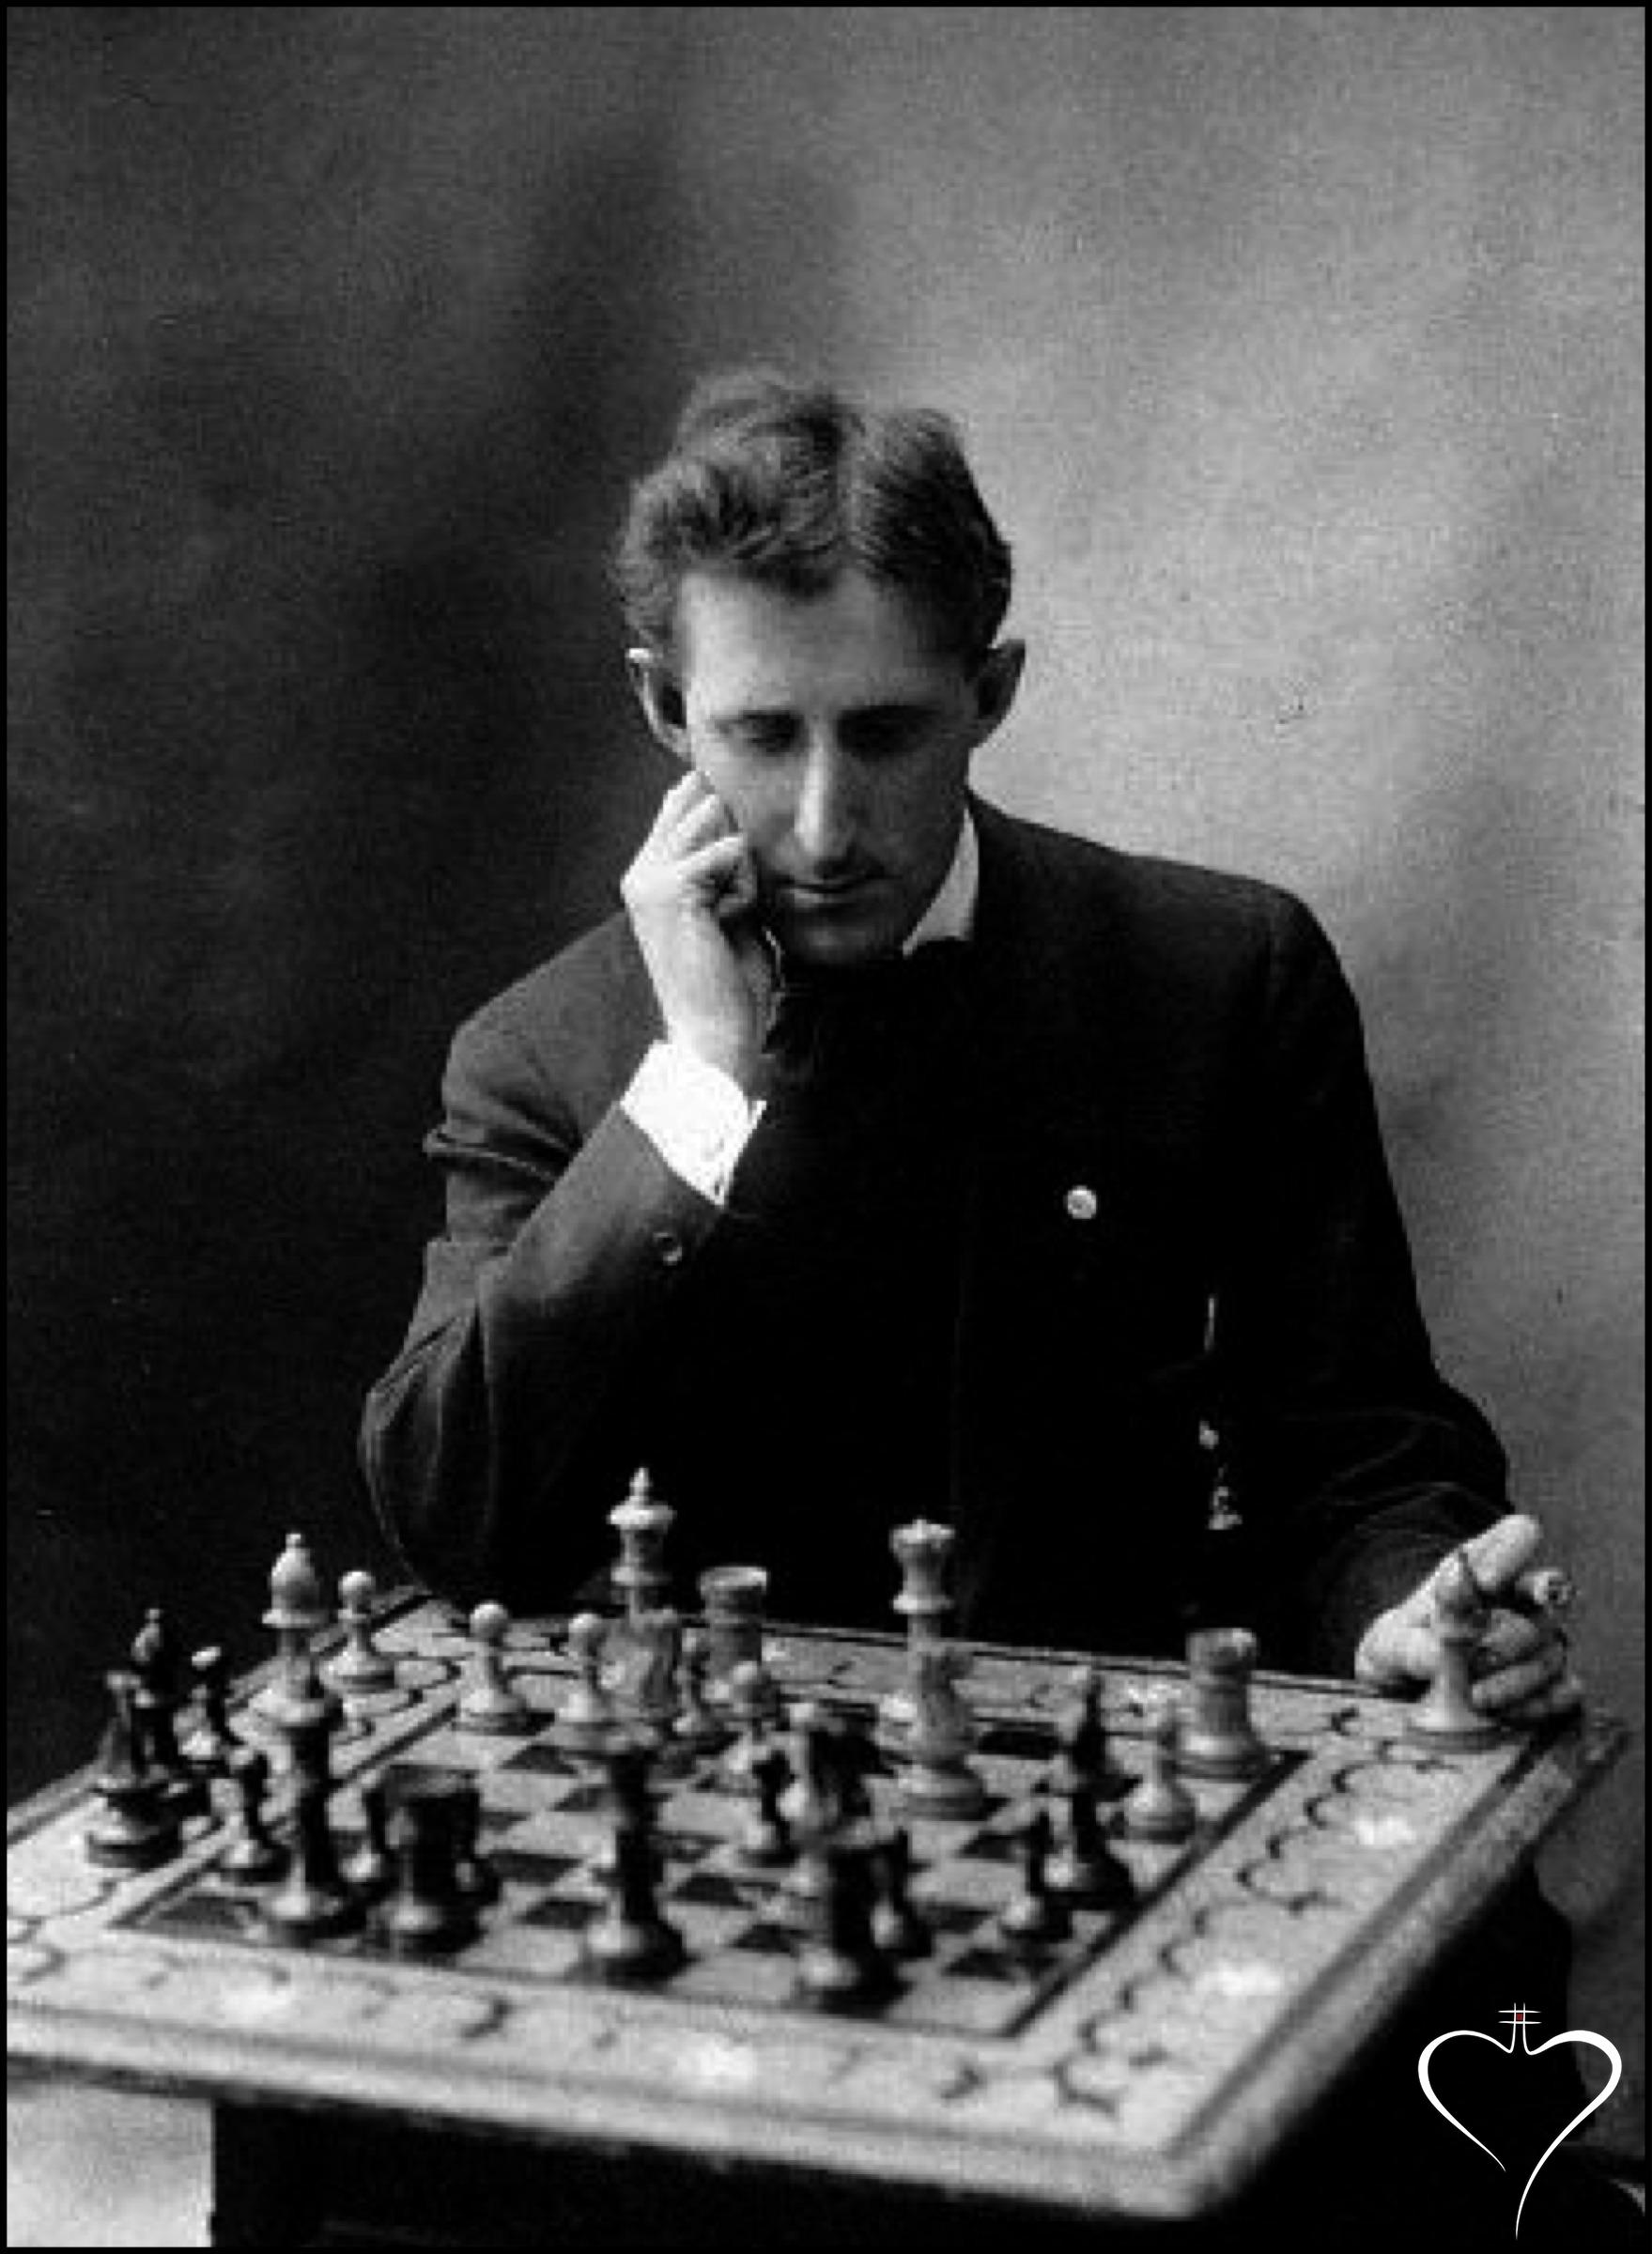 jersey chess congress